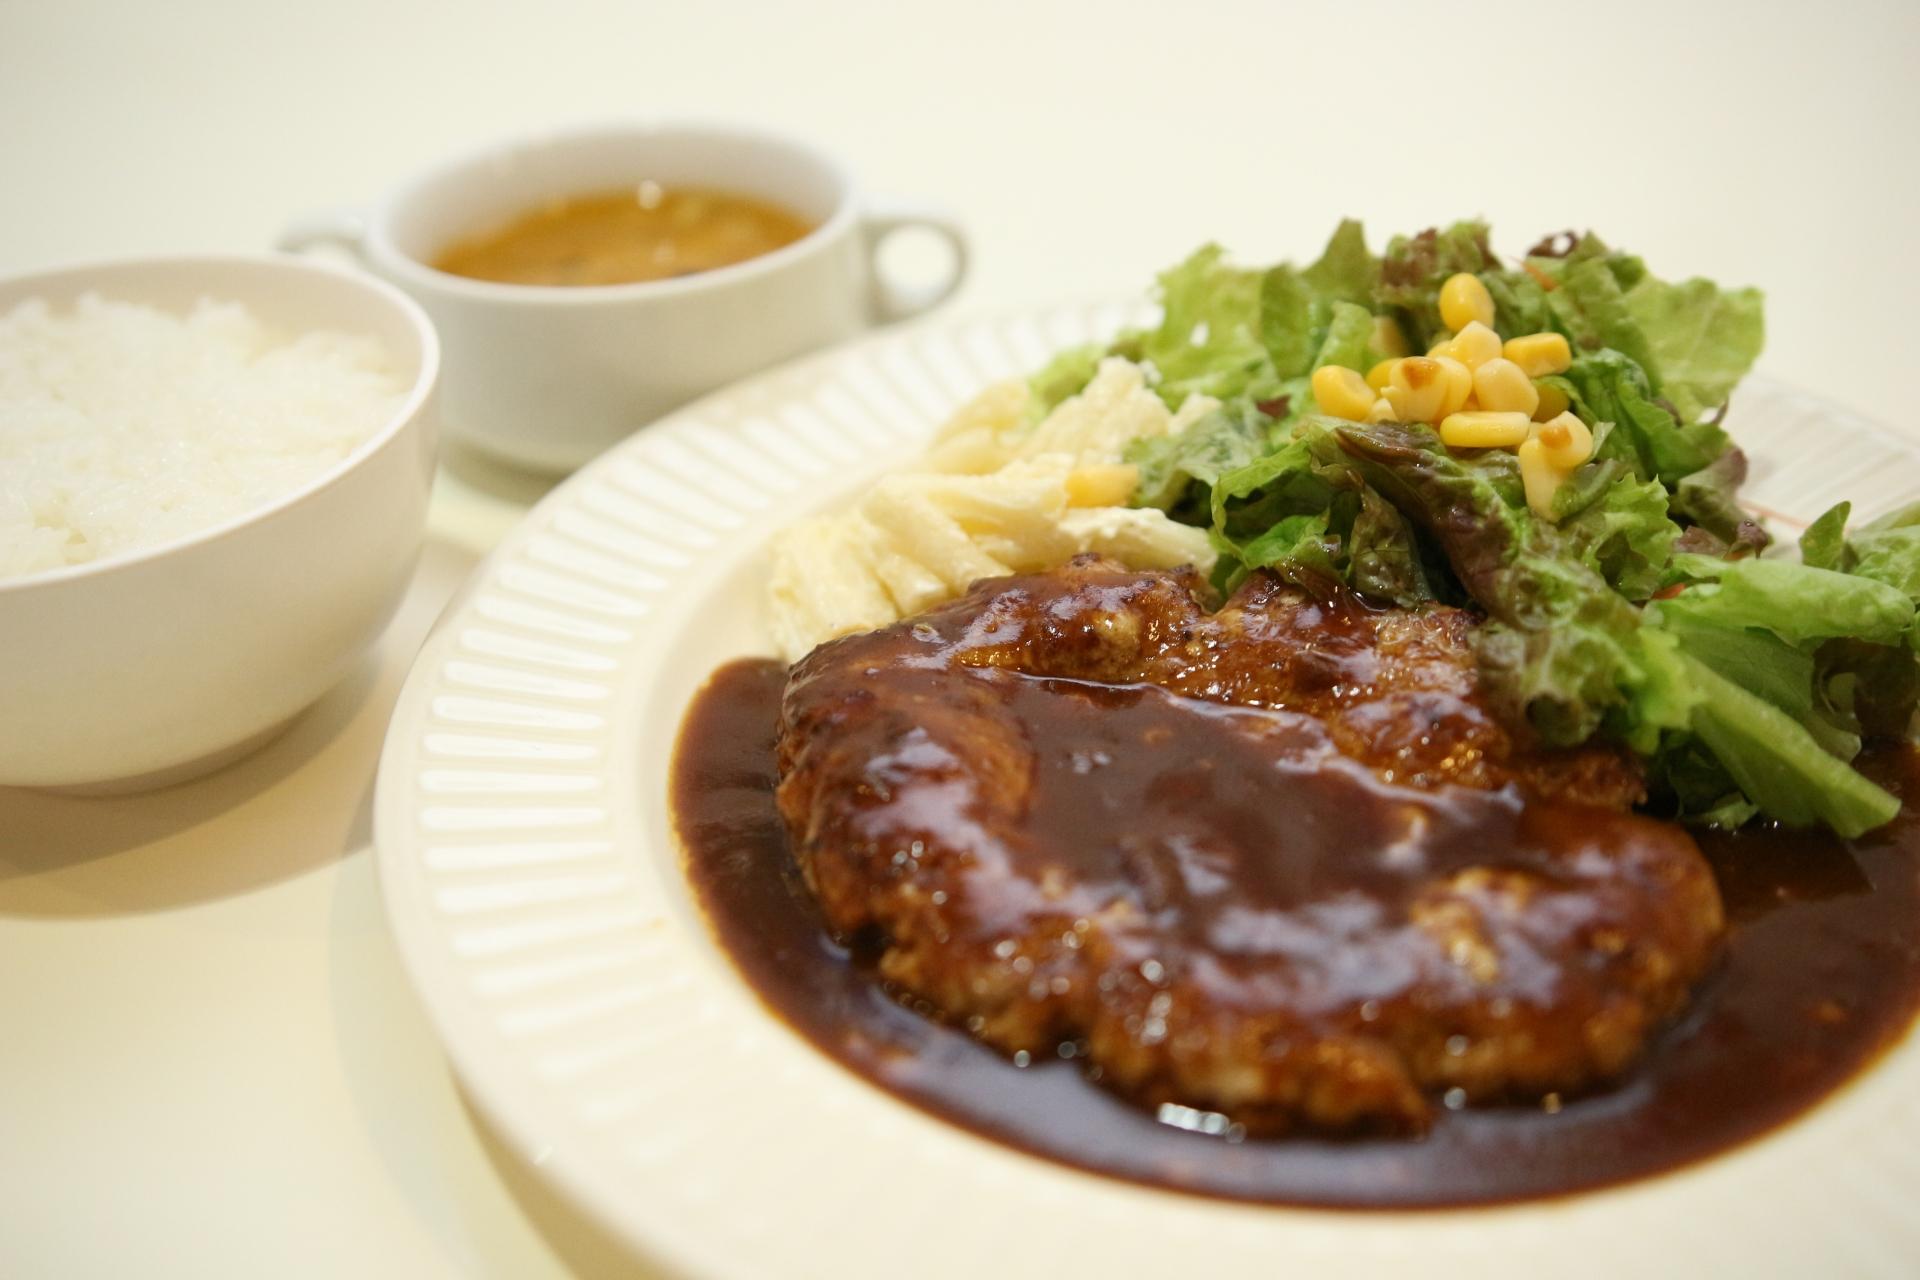 くいしんぼー山中で極上のステーキを味わおう!ランチや人気メニューは?